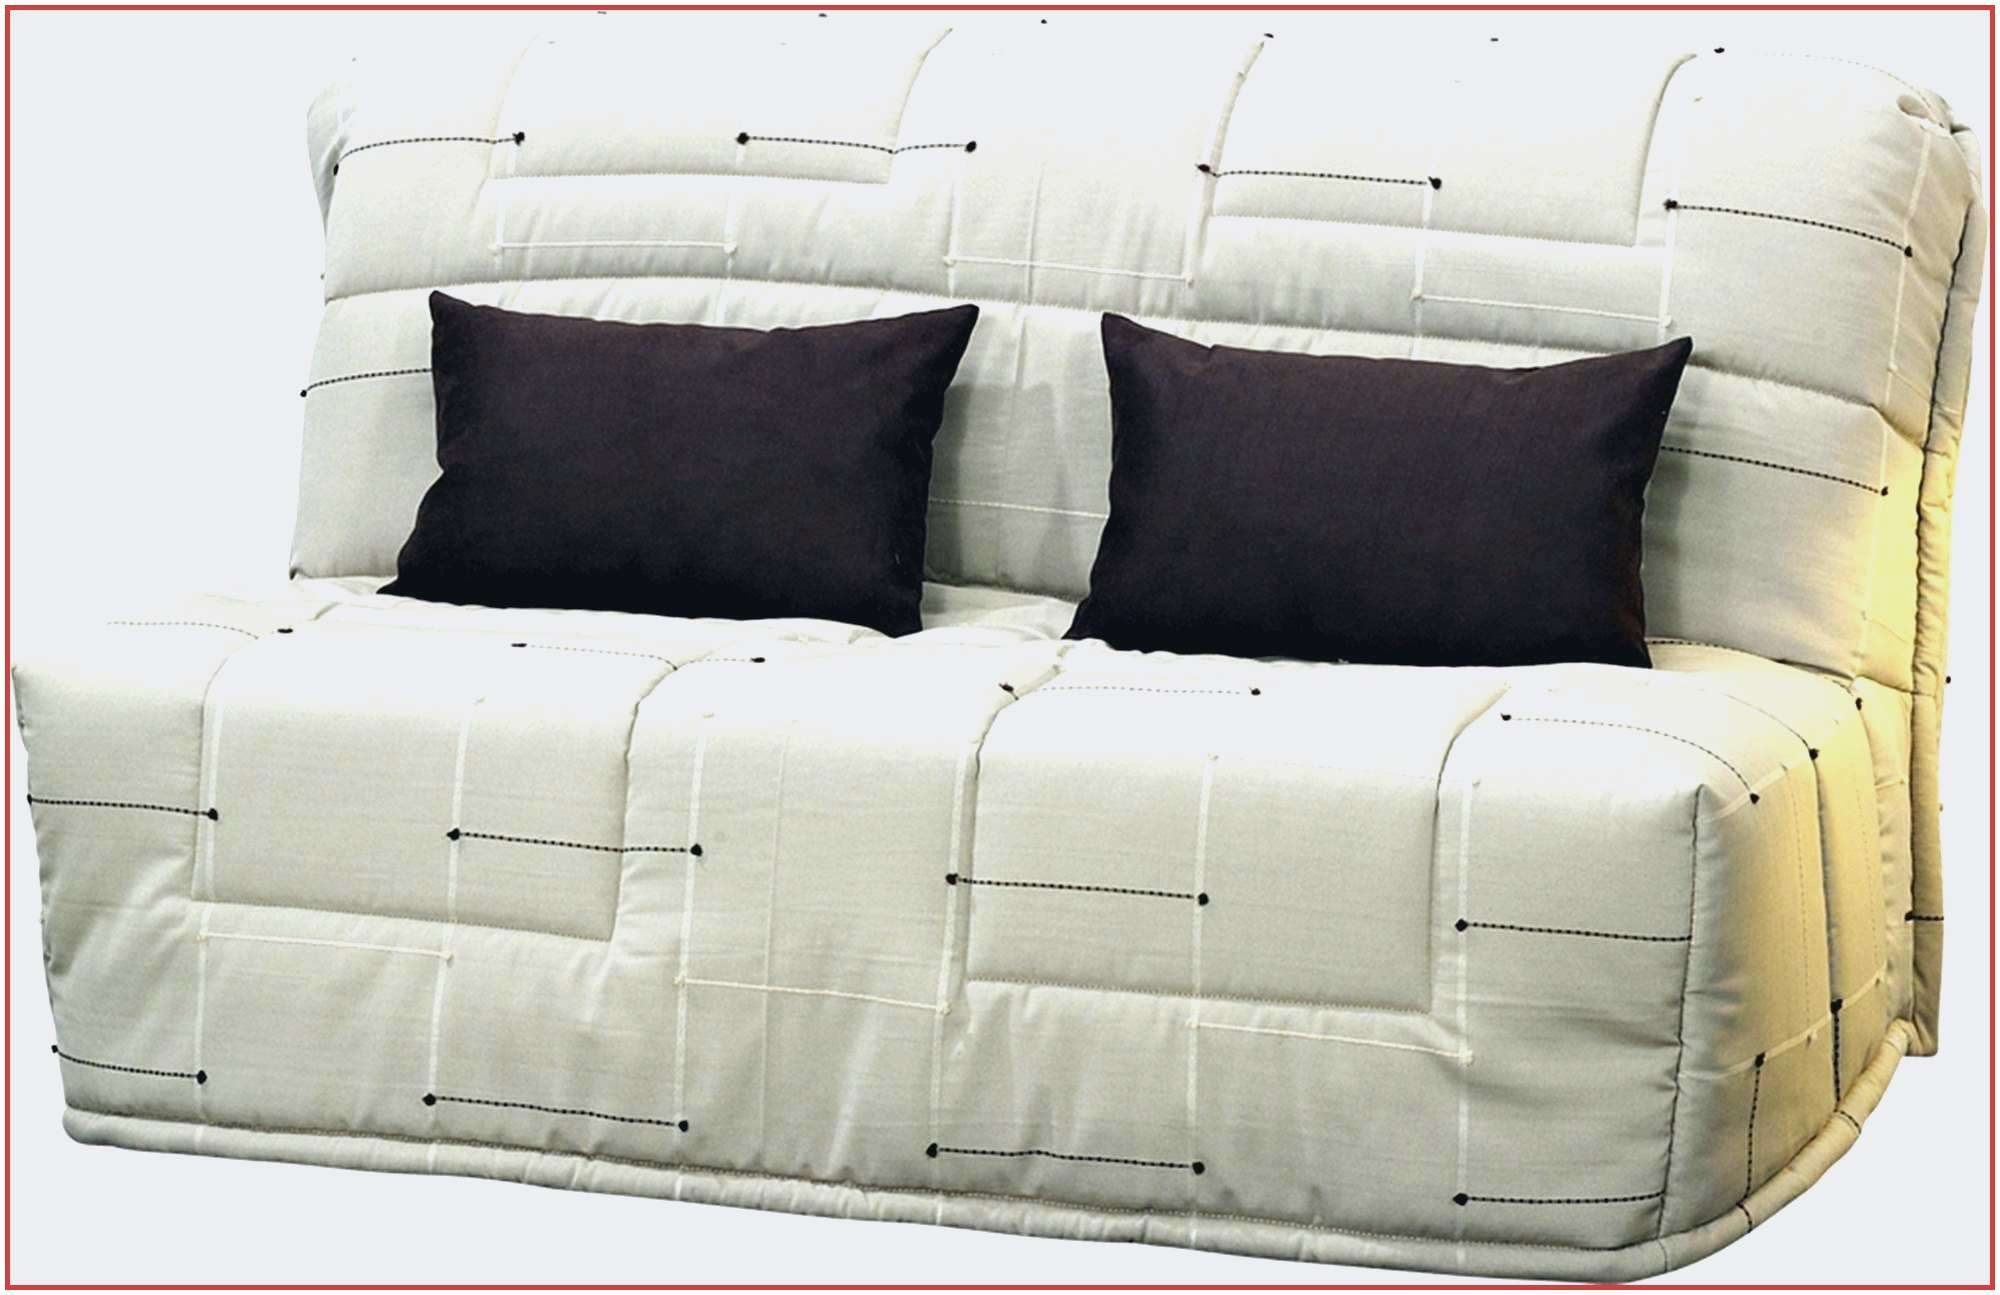 Frais 24 Impressionnant Canapé Lit Design Pas Cher Pour Option